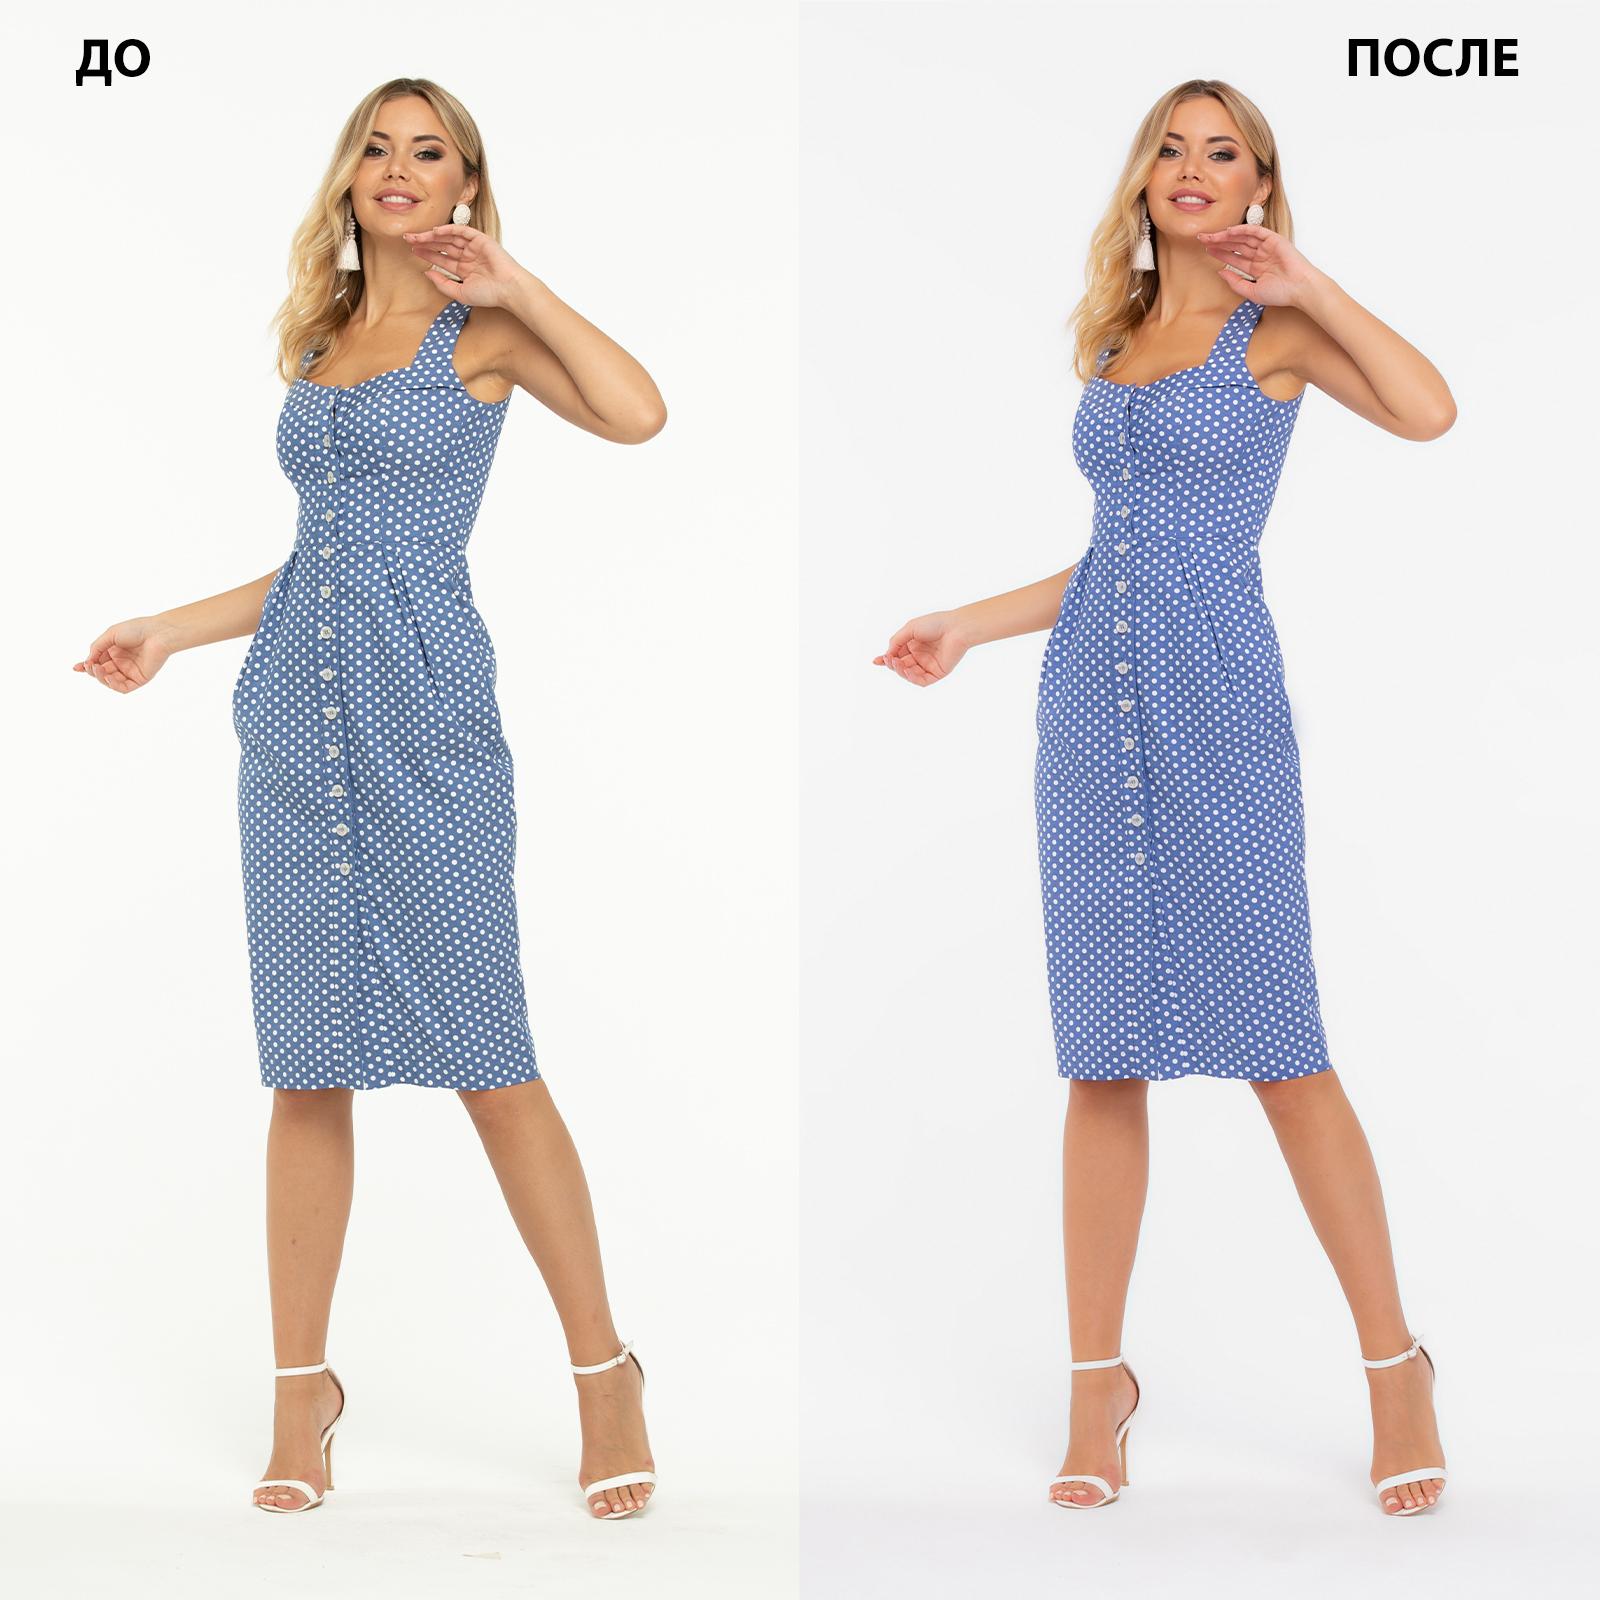 Каталожная ретушь одежды №1